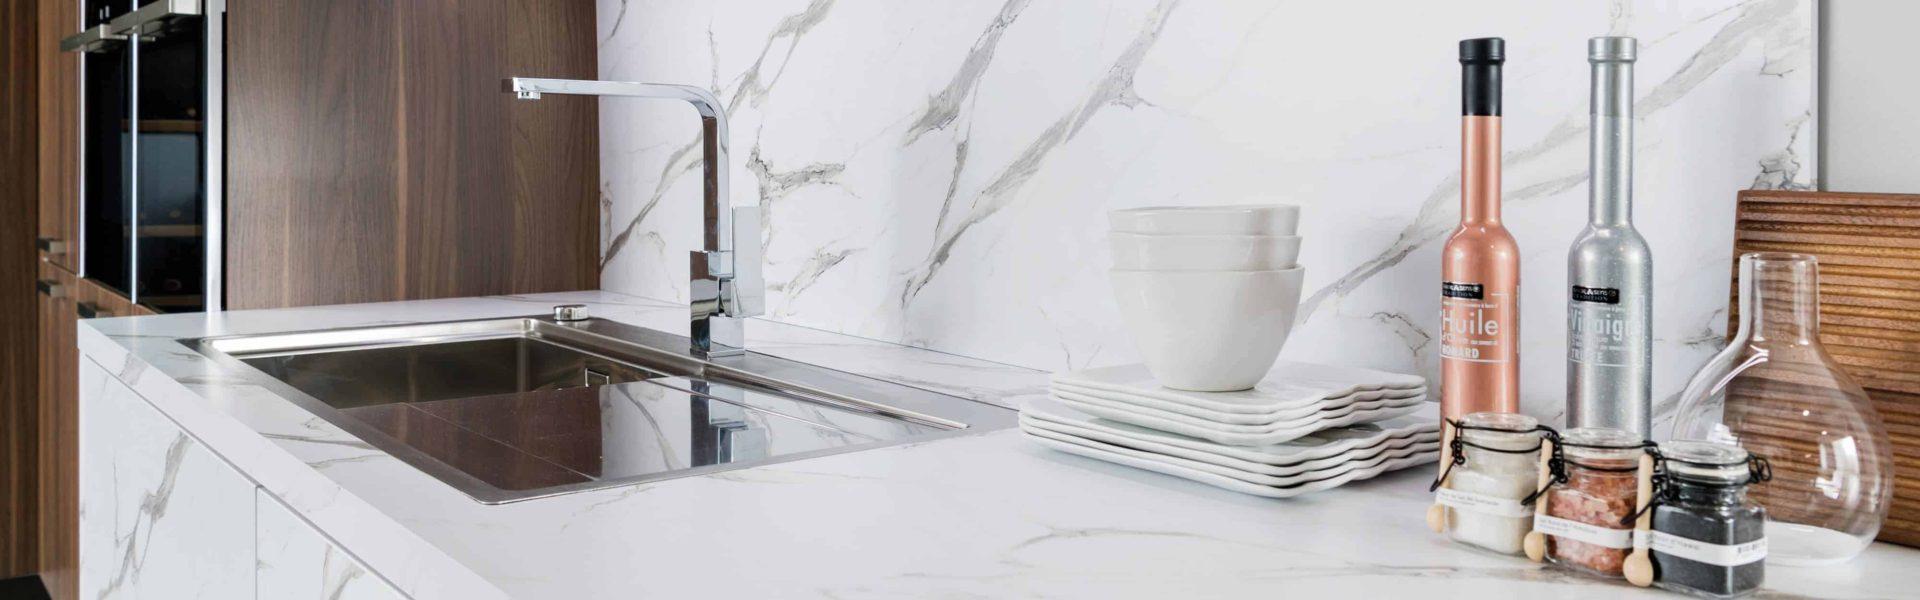 Køkkenbordplade fra Schmidt af gode materialer